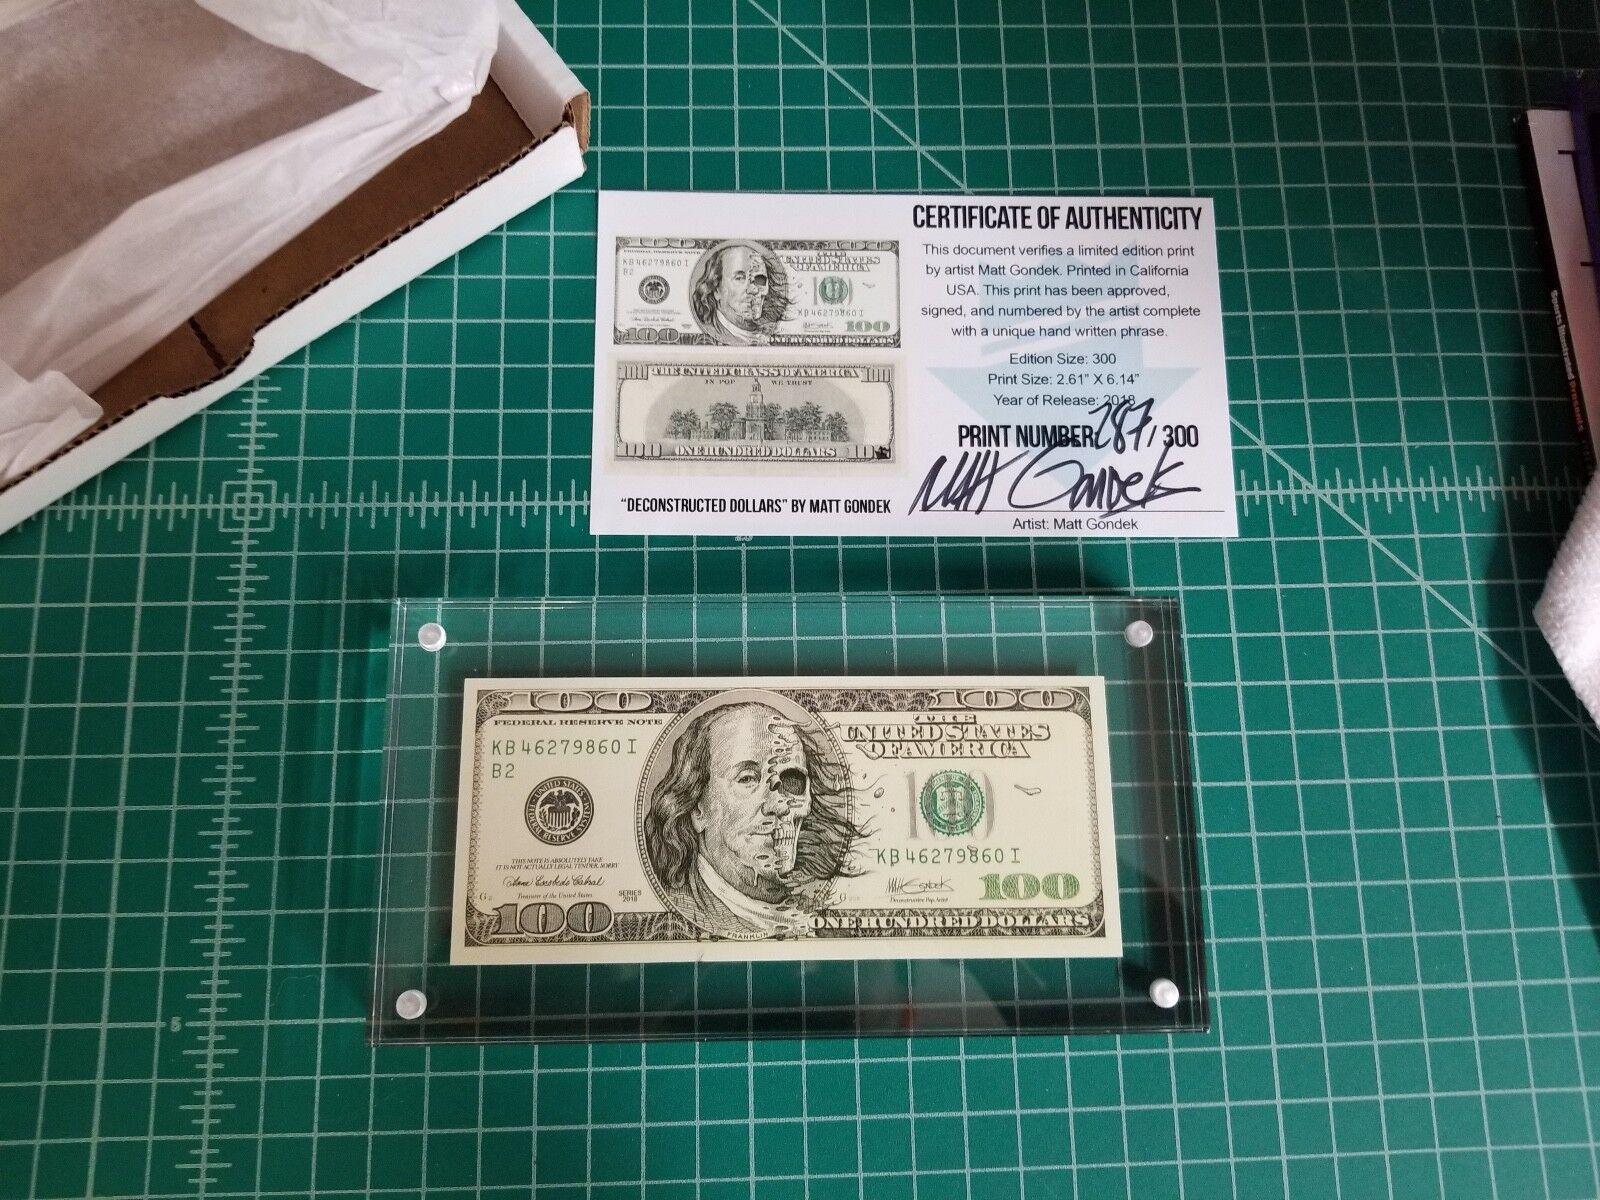 IN-HAND Matt Gondek Deconstructed Dollars 100 Mini Print Complexcon Exclusive